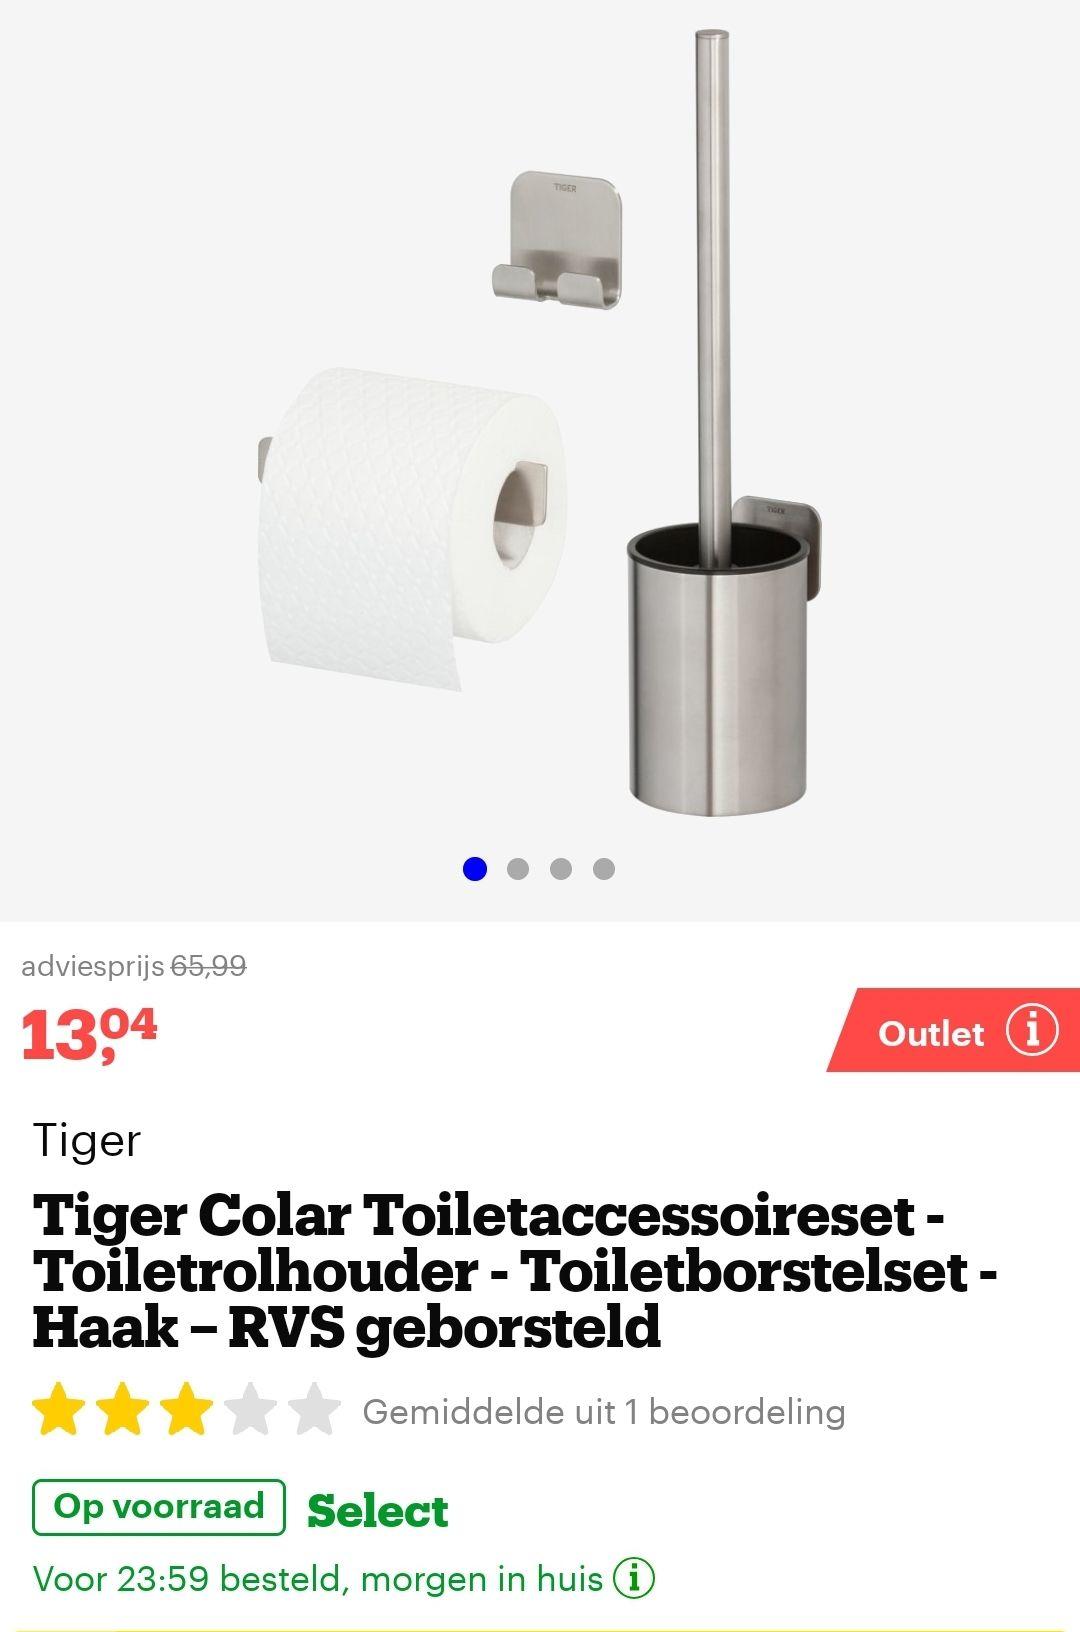 Tiger Colar accessoireset @bol.com